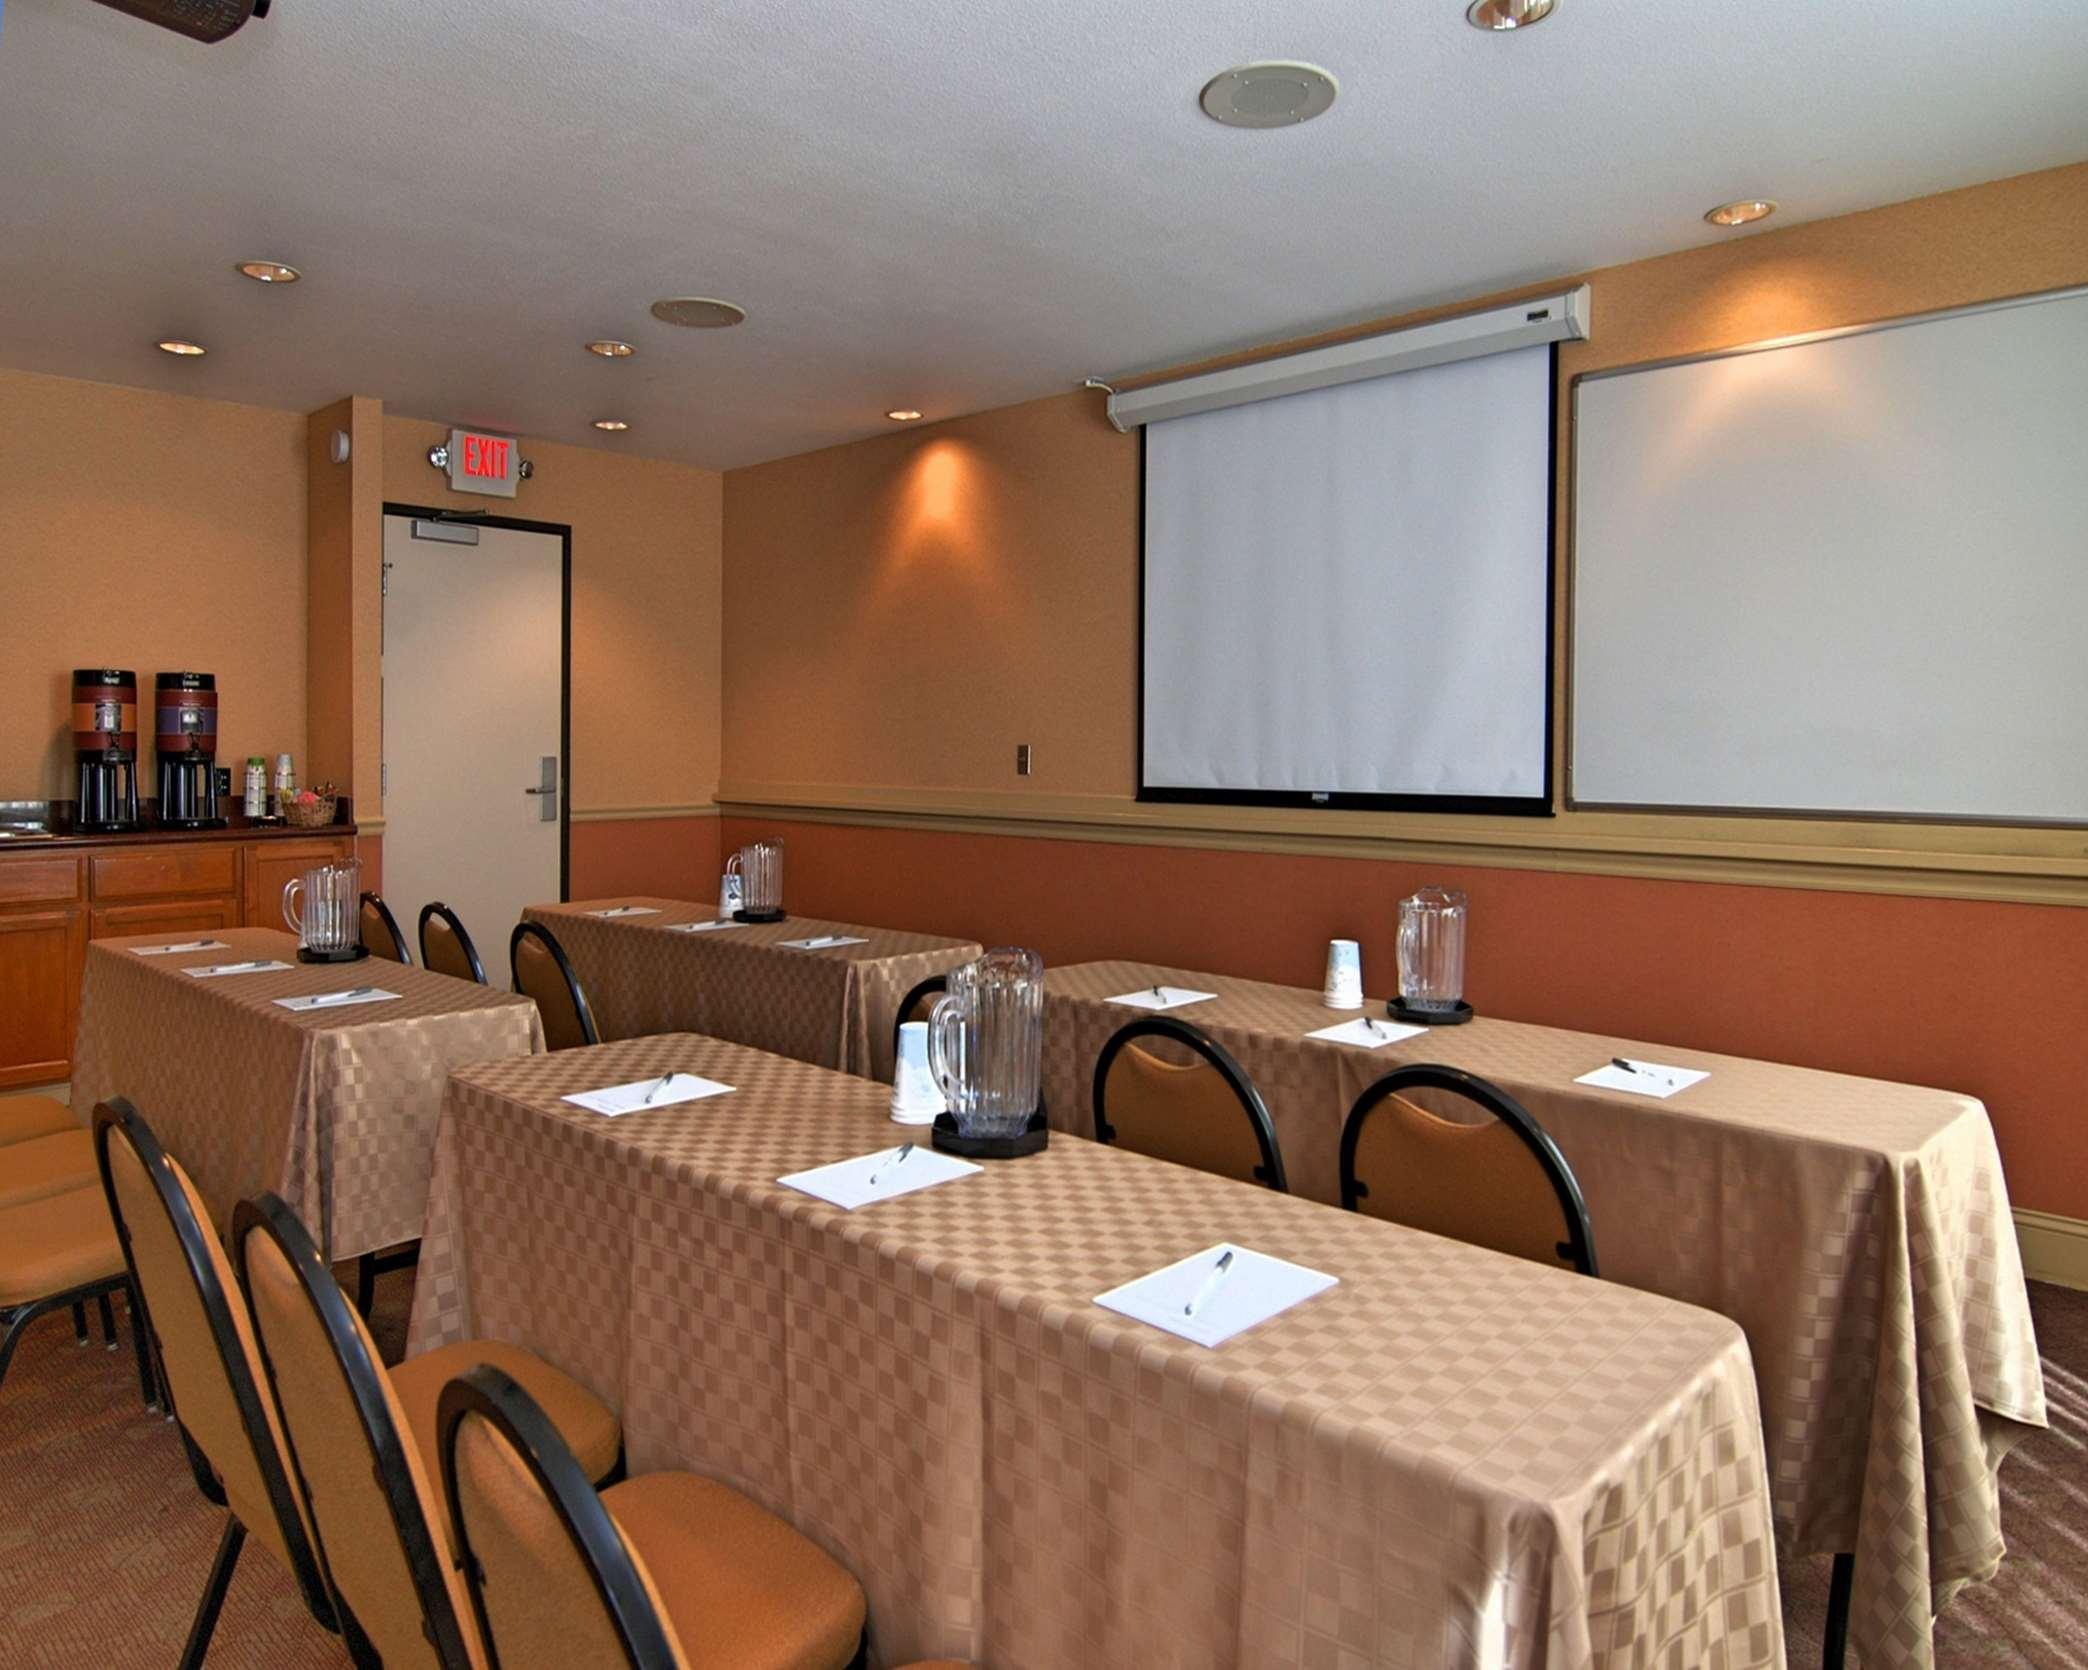 Hampton Inn & Suites Mountain View image 19